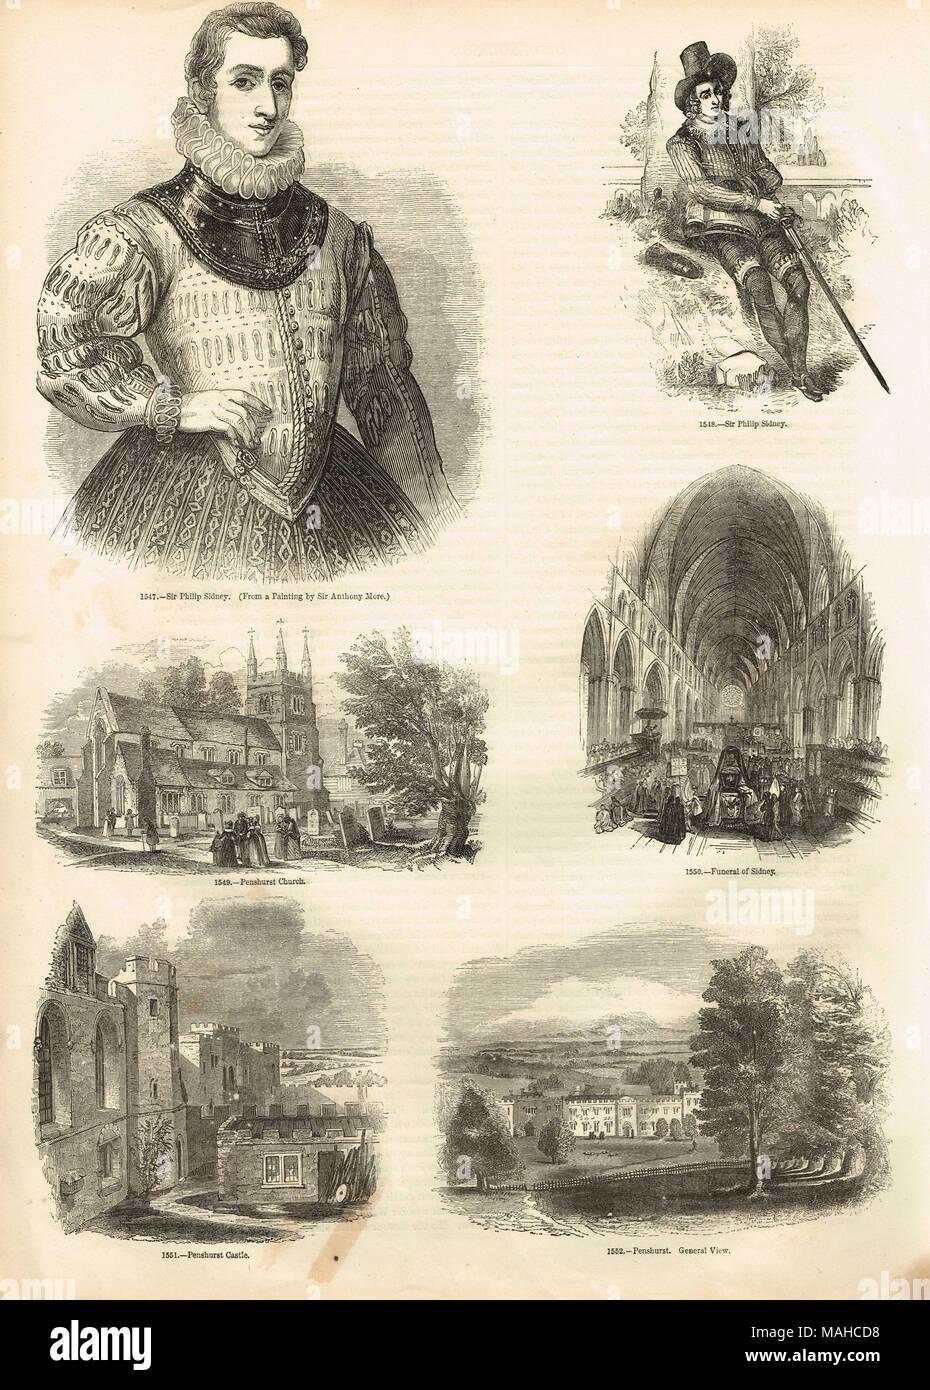 Le immagini relative a Sir Philip Sidney, 1554-1586, poeta inglese, cortigiano, studioso, soldato, figura di spicco del Elizabethan age Immagini Stock